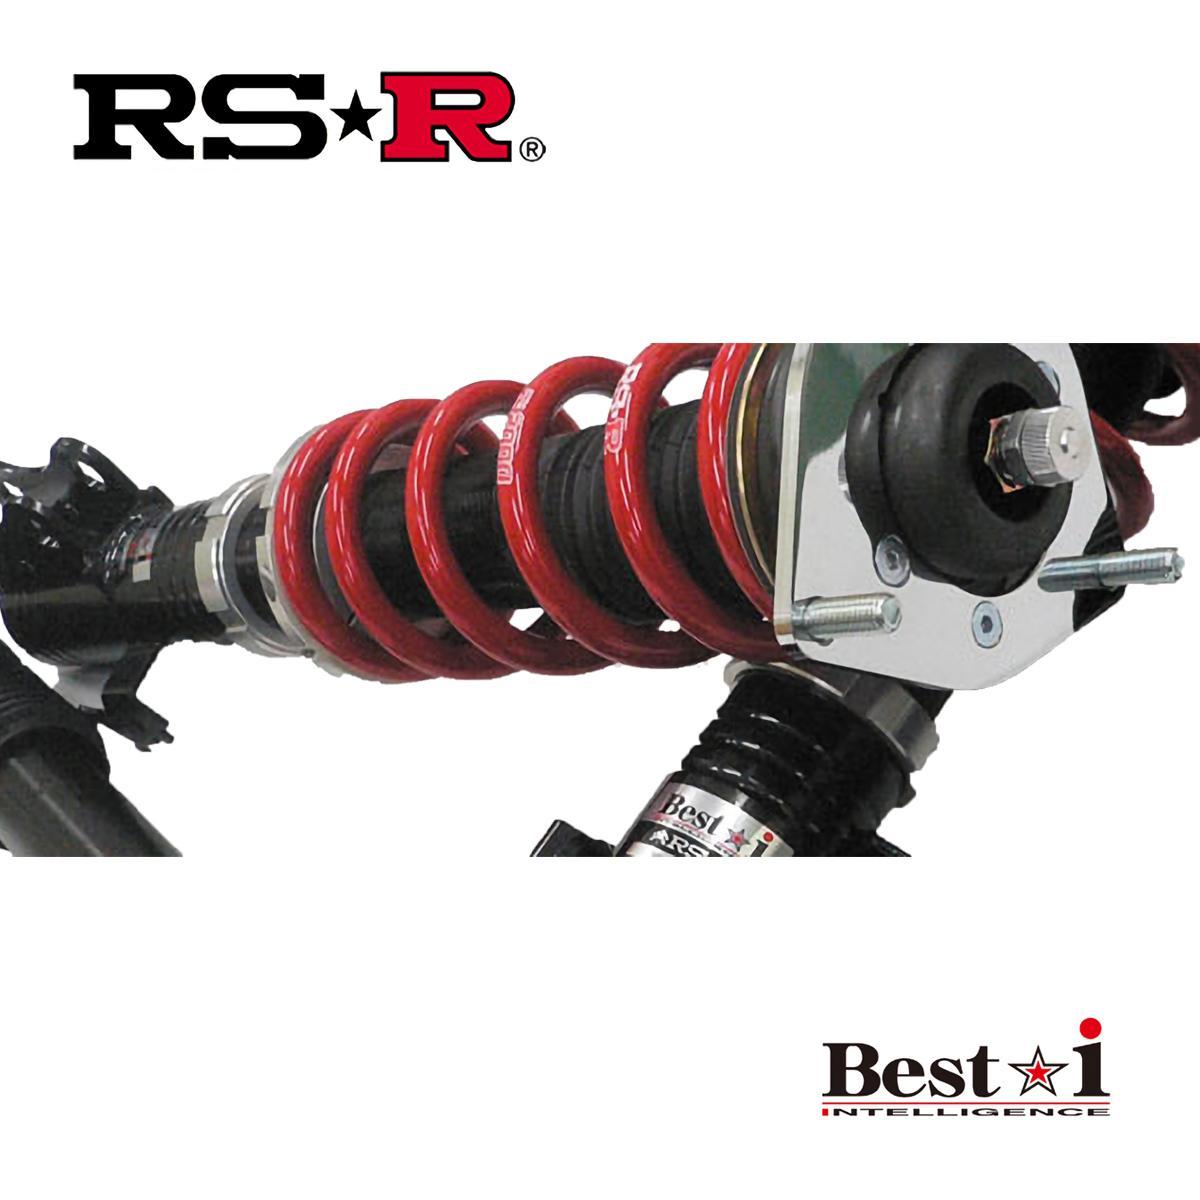 RS-R CX-3 CX3 XDプロアクティブ Sパッケージ DK8FW 車高調 リア車高調整:ネジ式 BIM401M ベストi RSR 条件付き送料無料